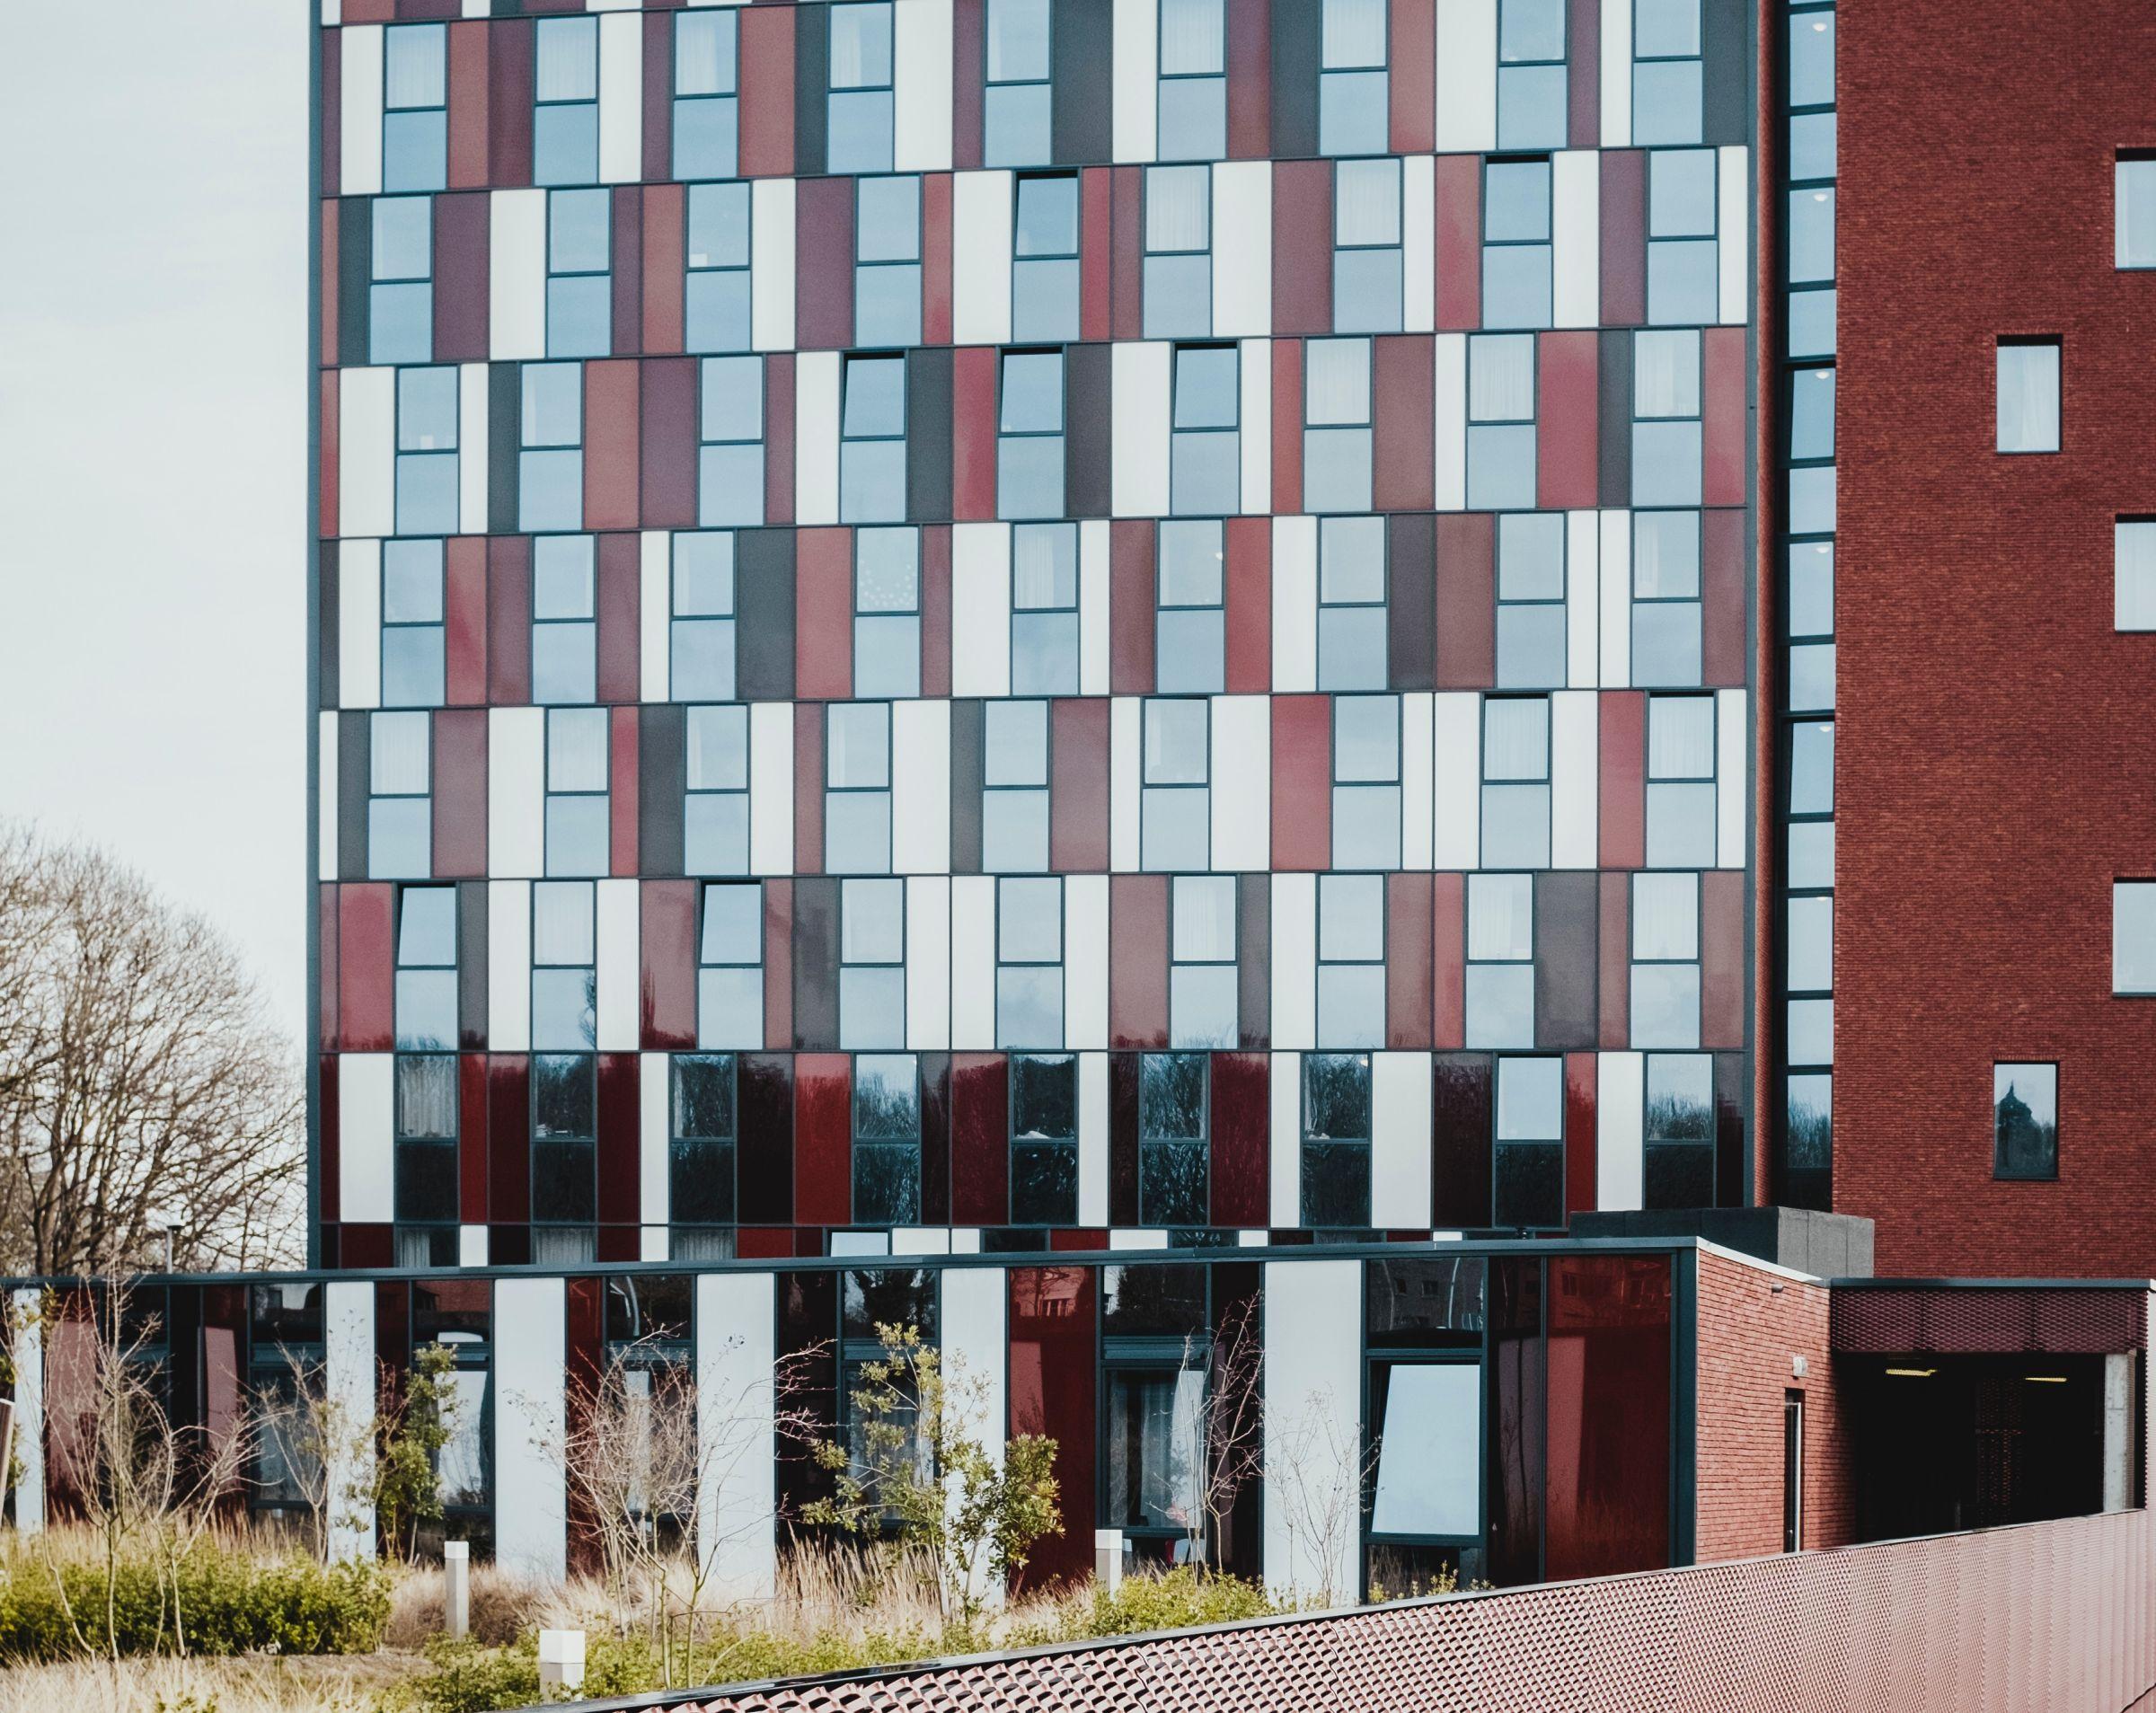 Haus mit roter Fassade